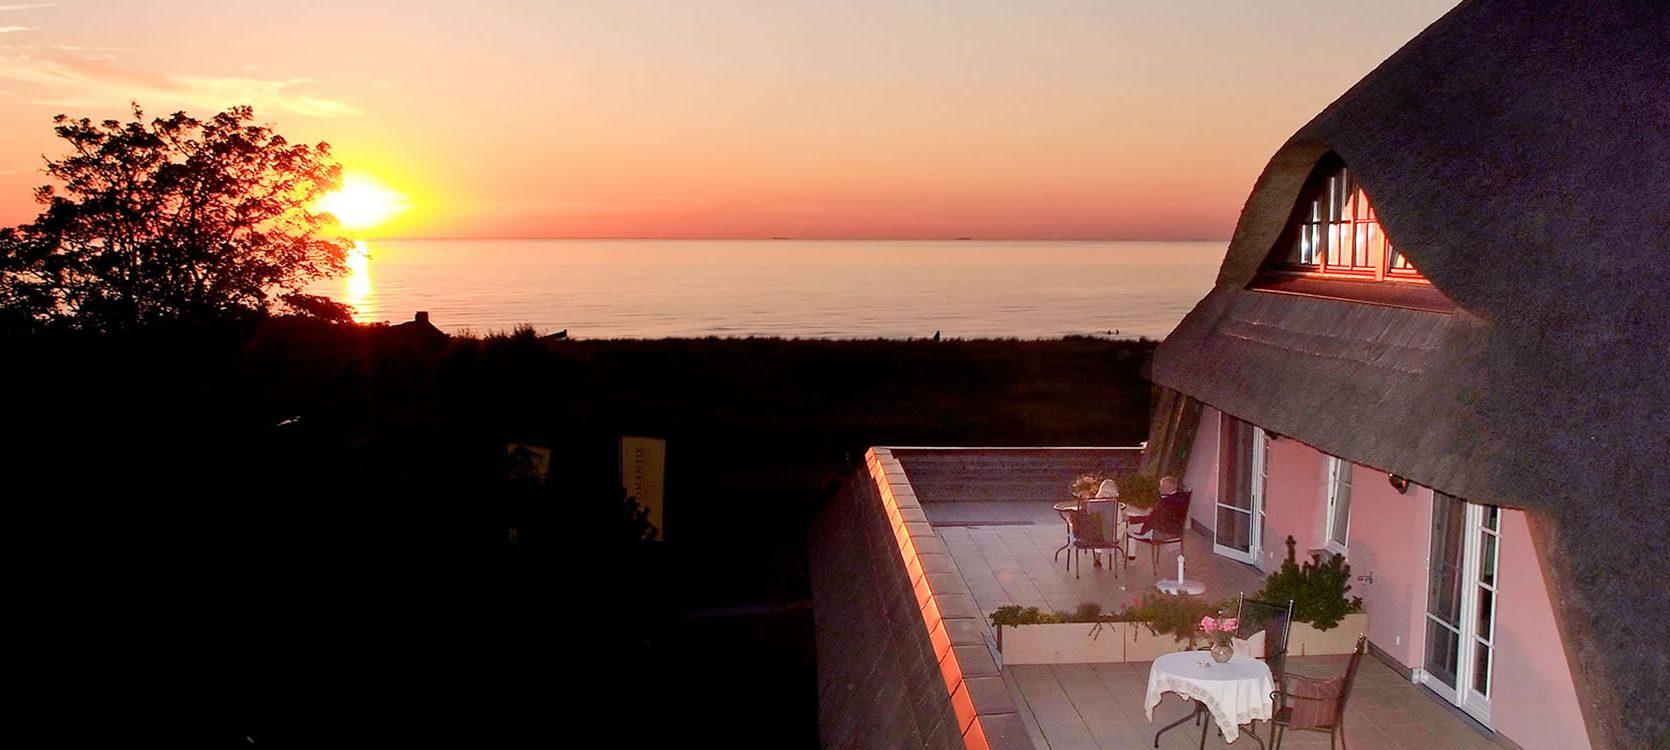 Hotel Namenlos, Blick von der Terrasse auf die Ostsee